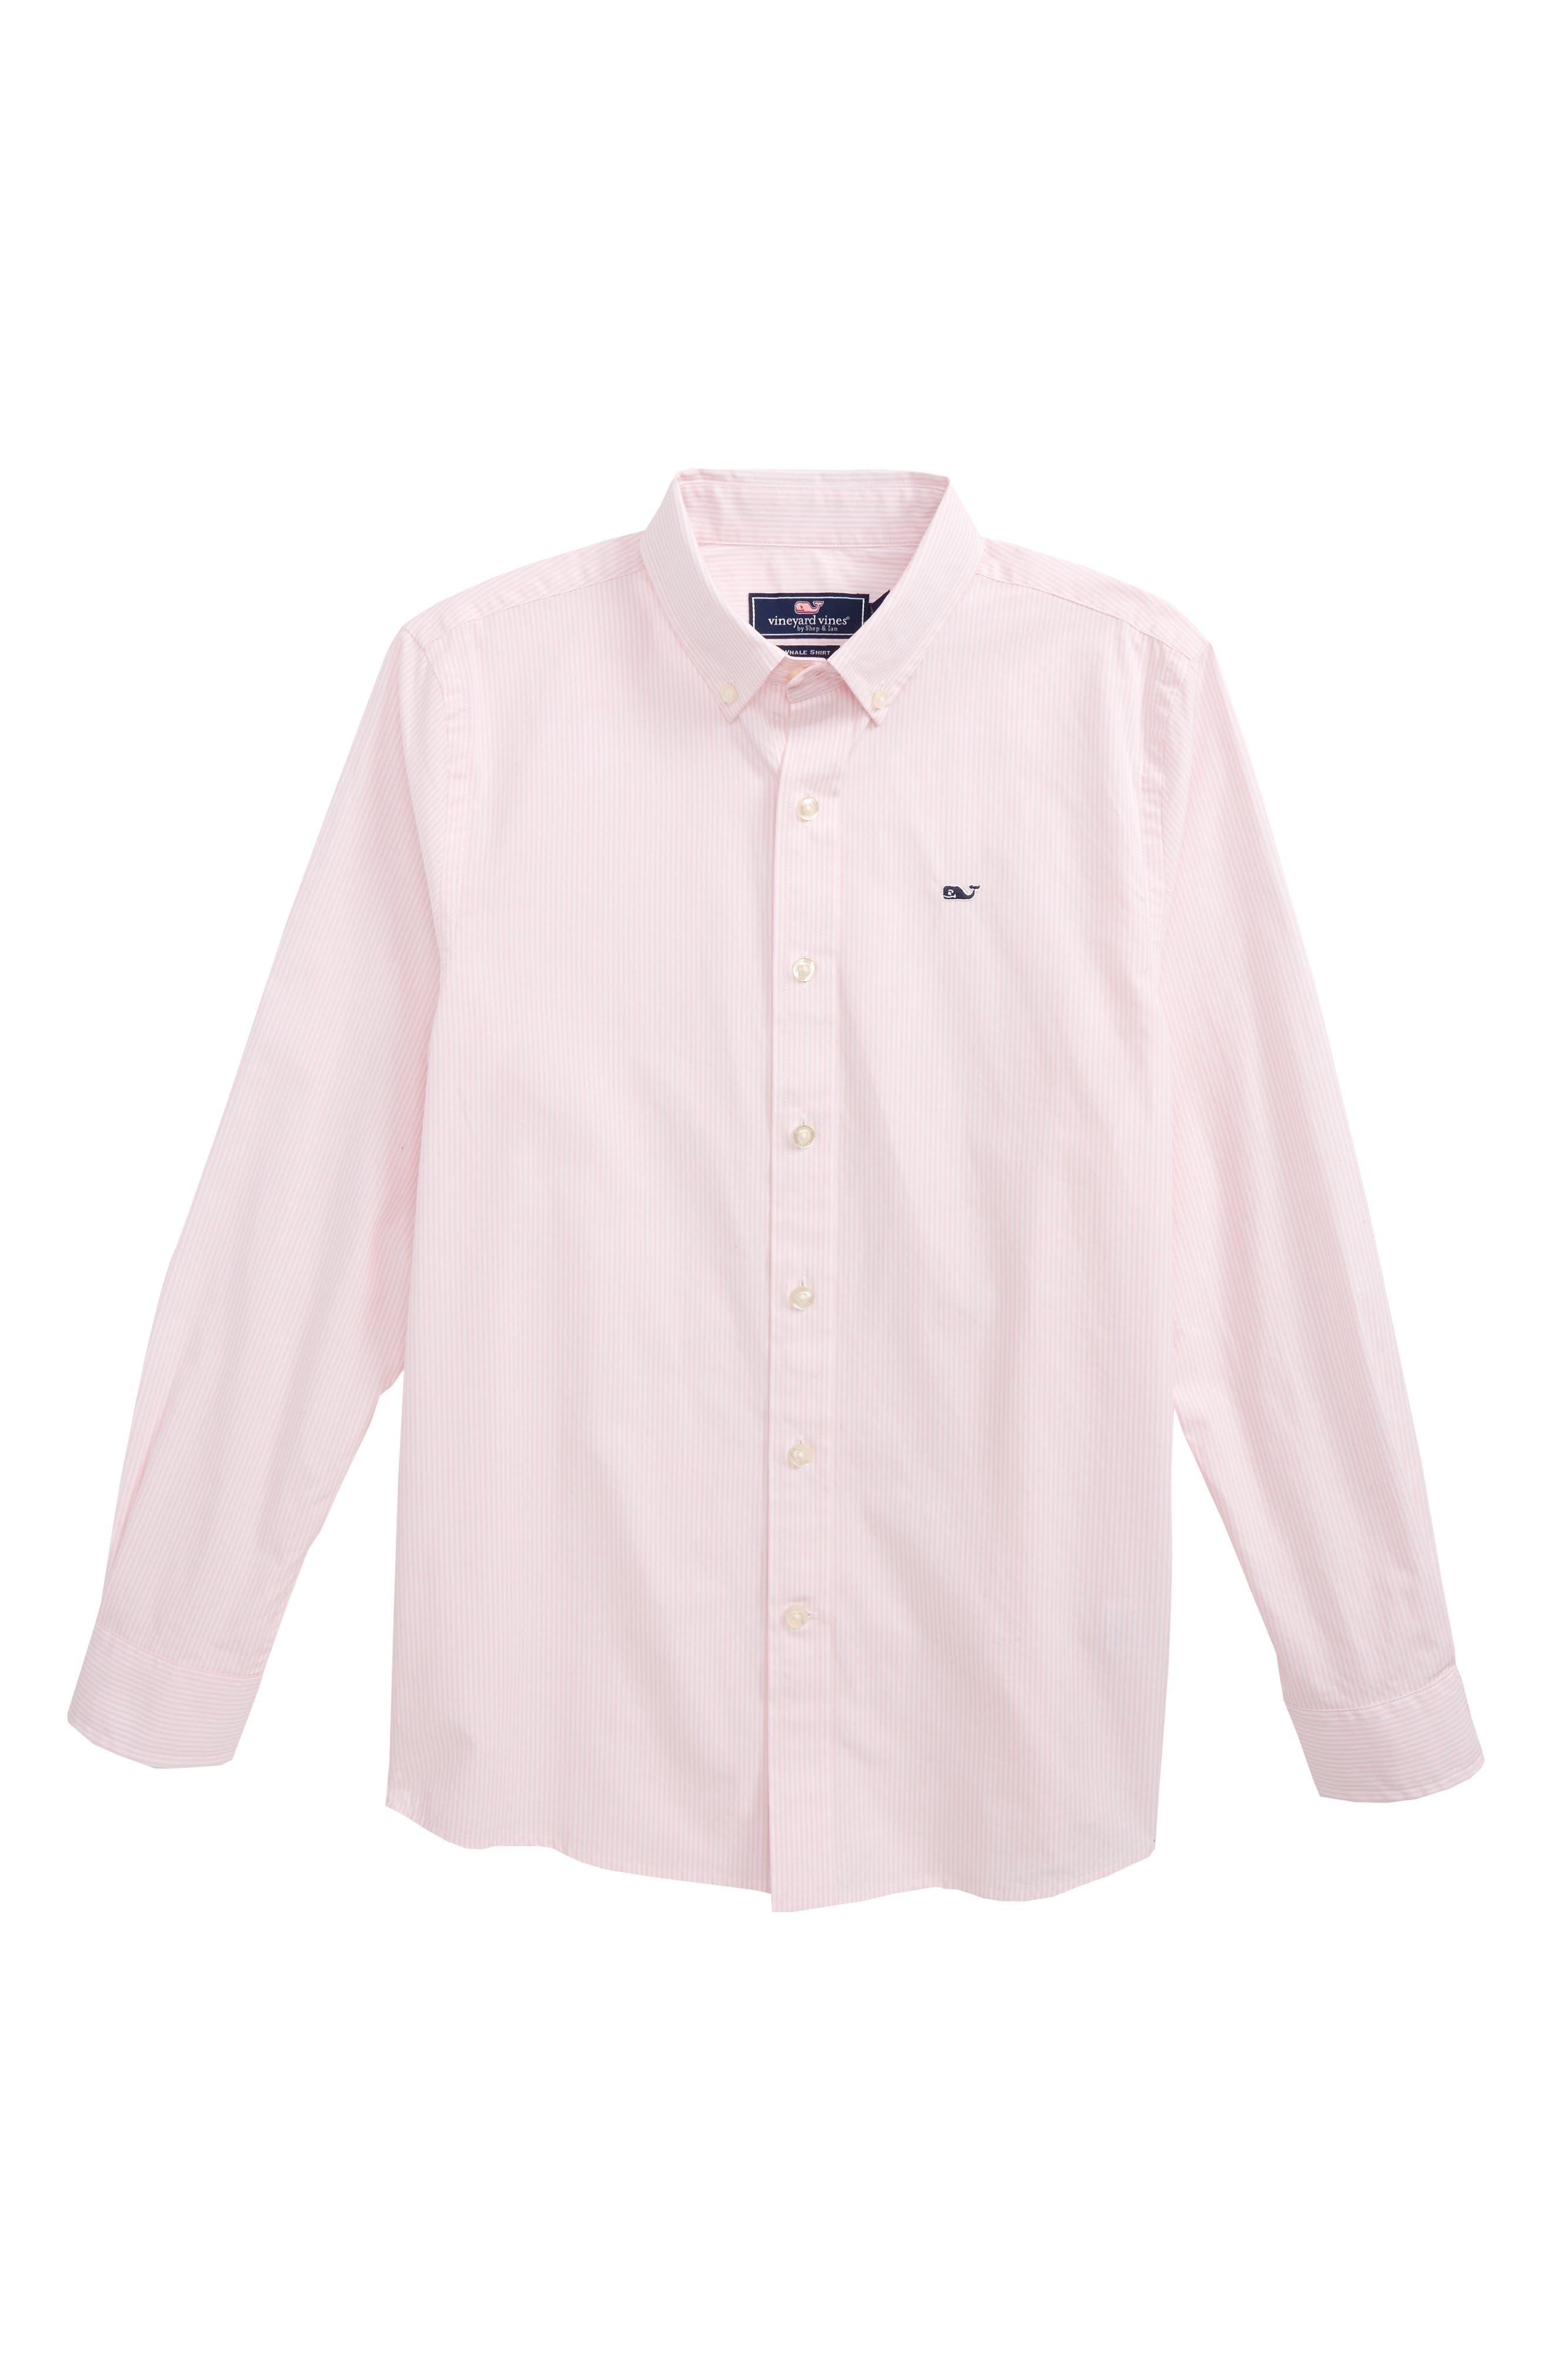 Fine Line Stripe - Whale Woven Shirt,                         Main,                         color, 686